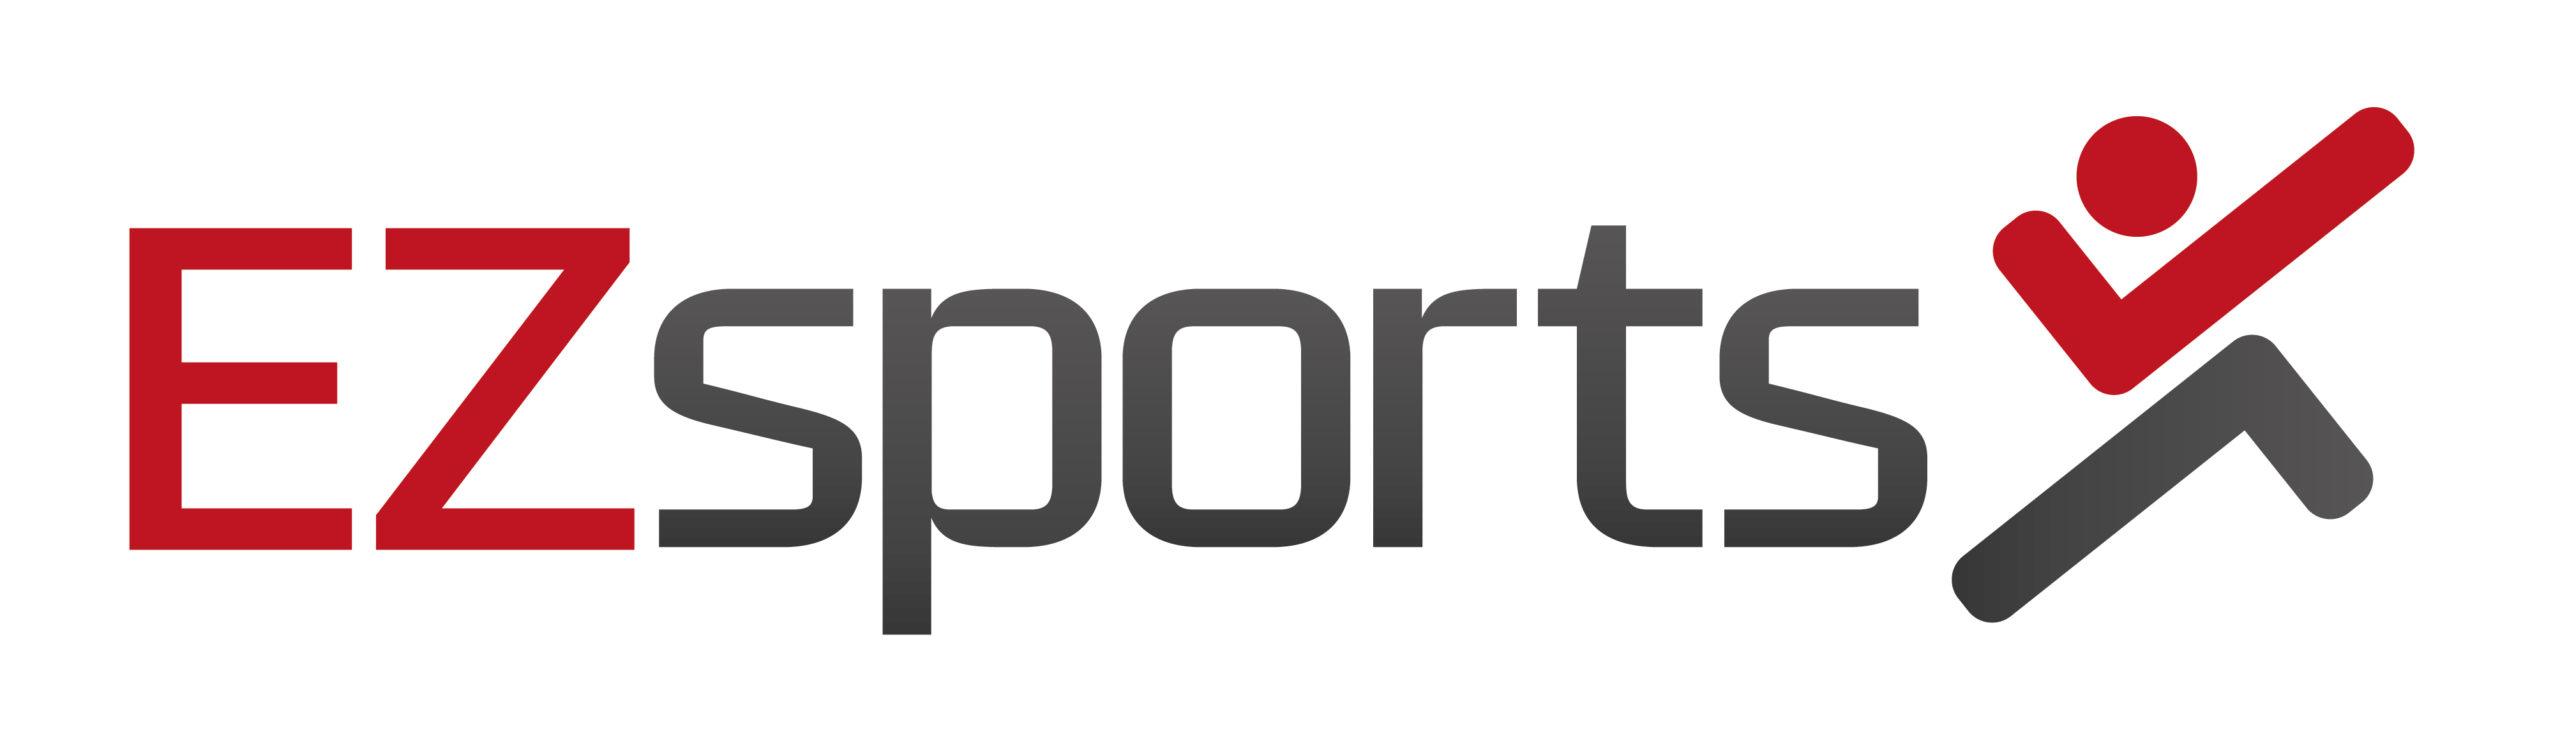 ezsports_logo